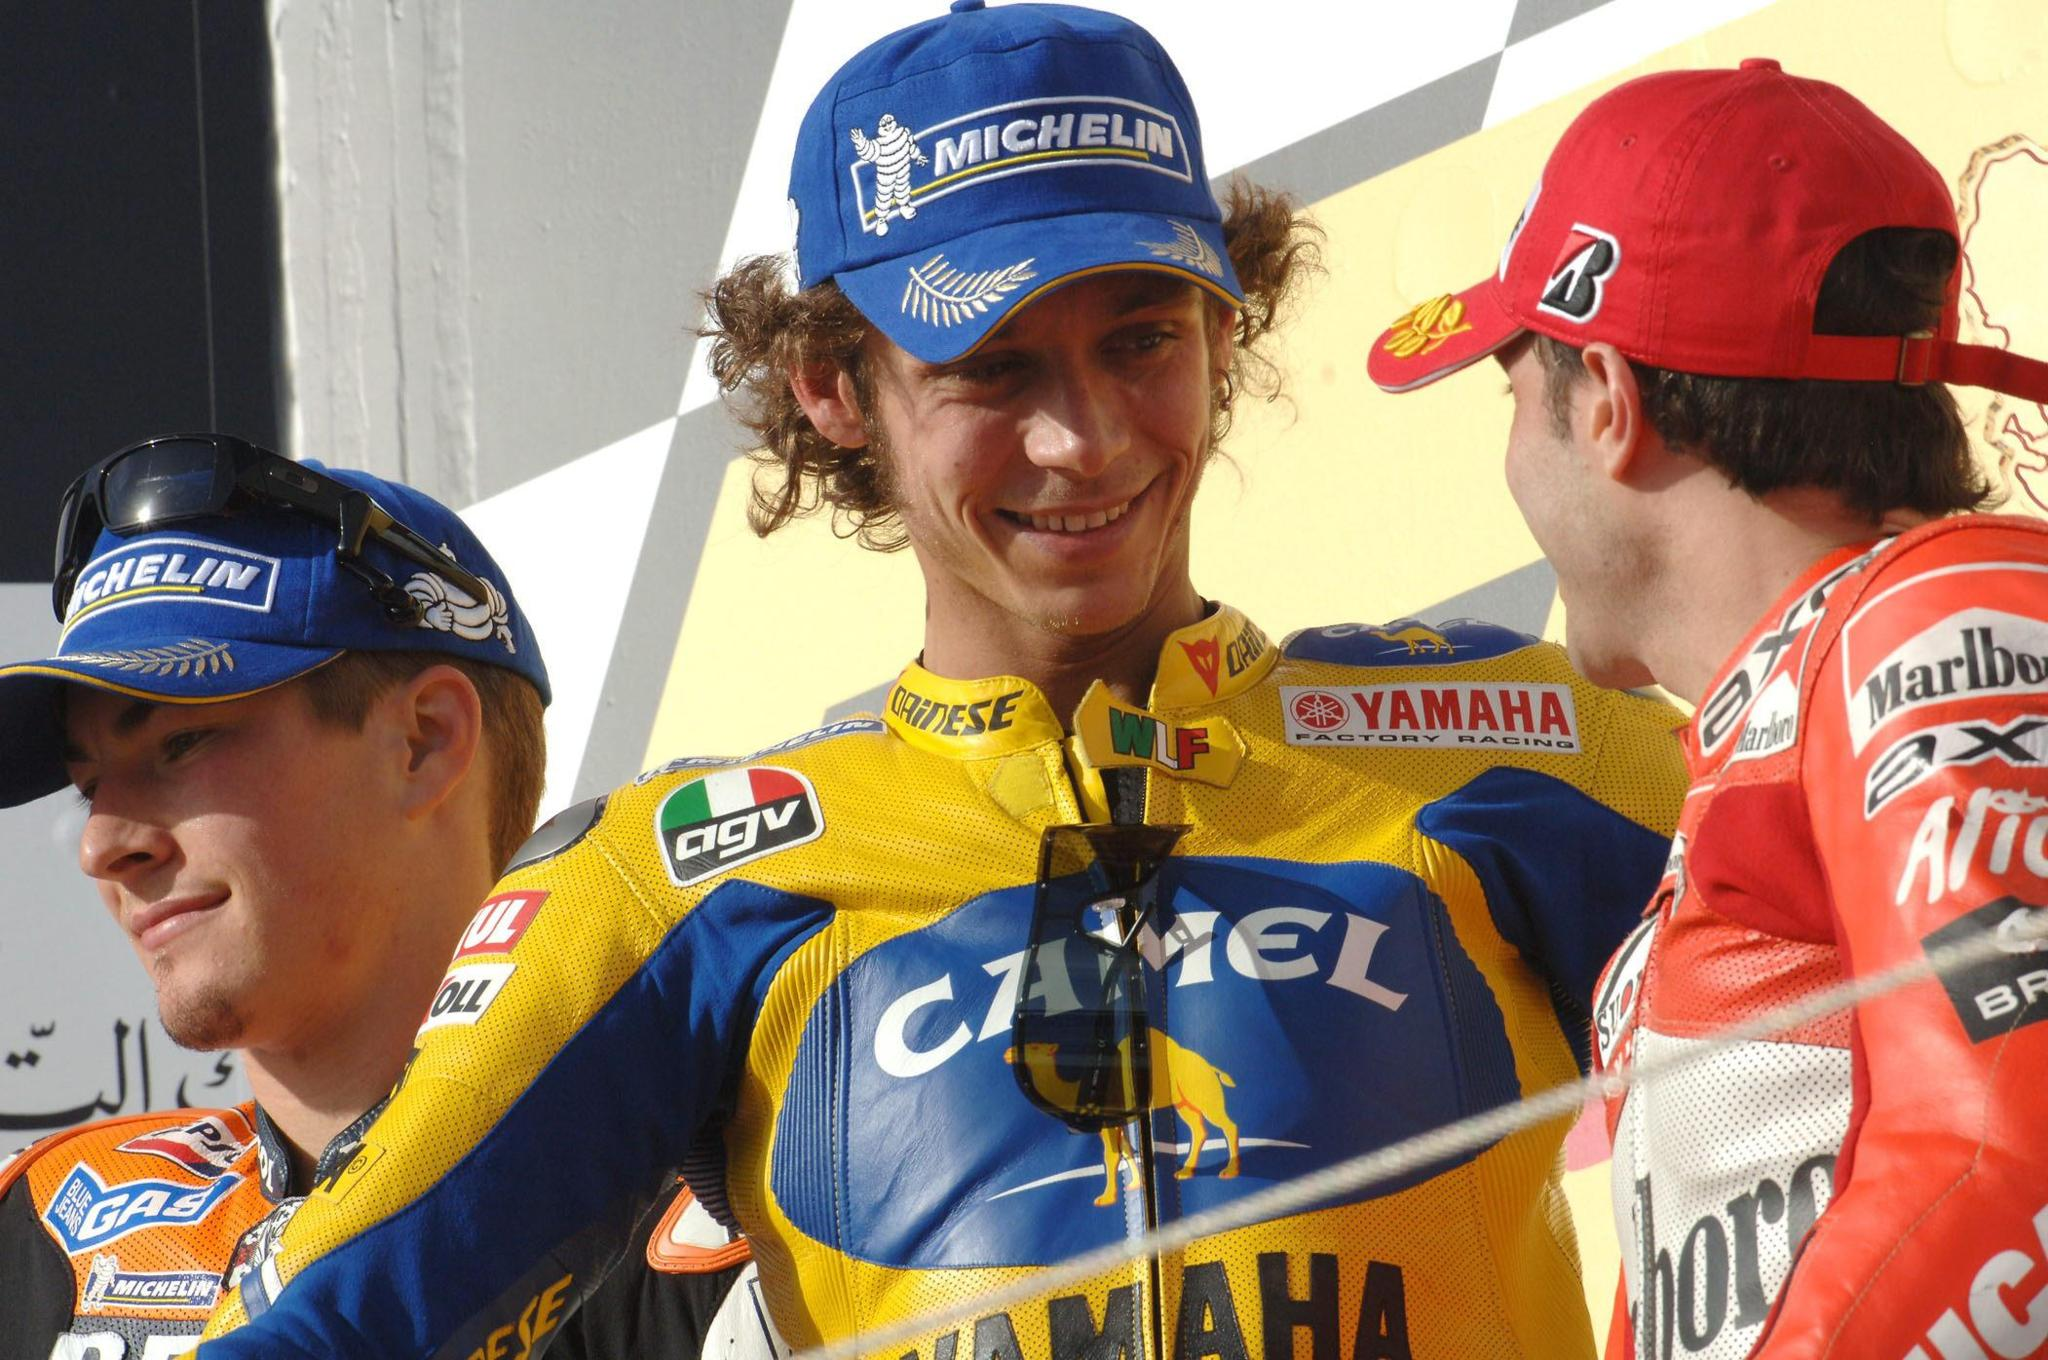 Hayden, Rossi y Capirosi durante el Mundial 2006